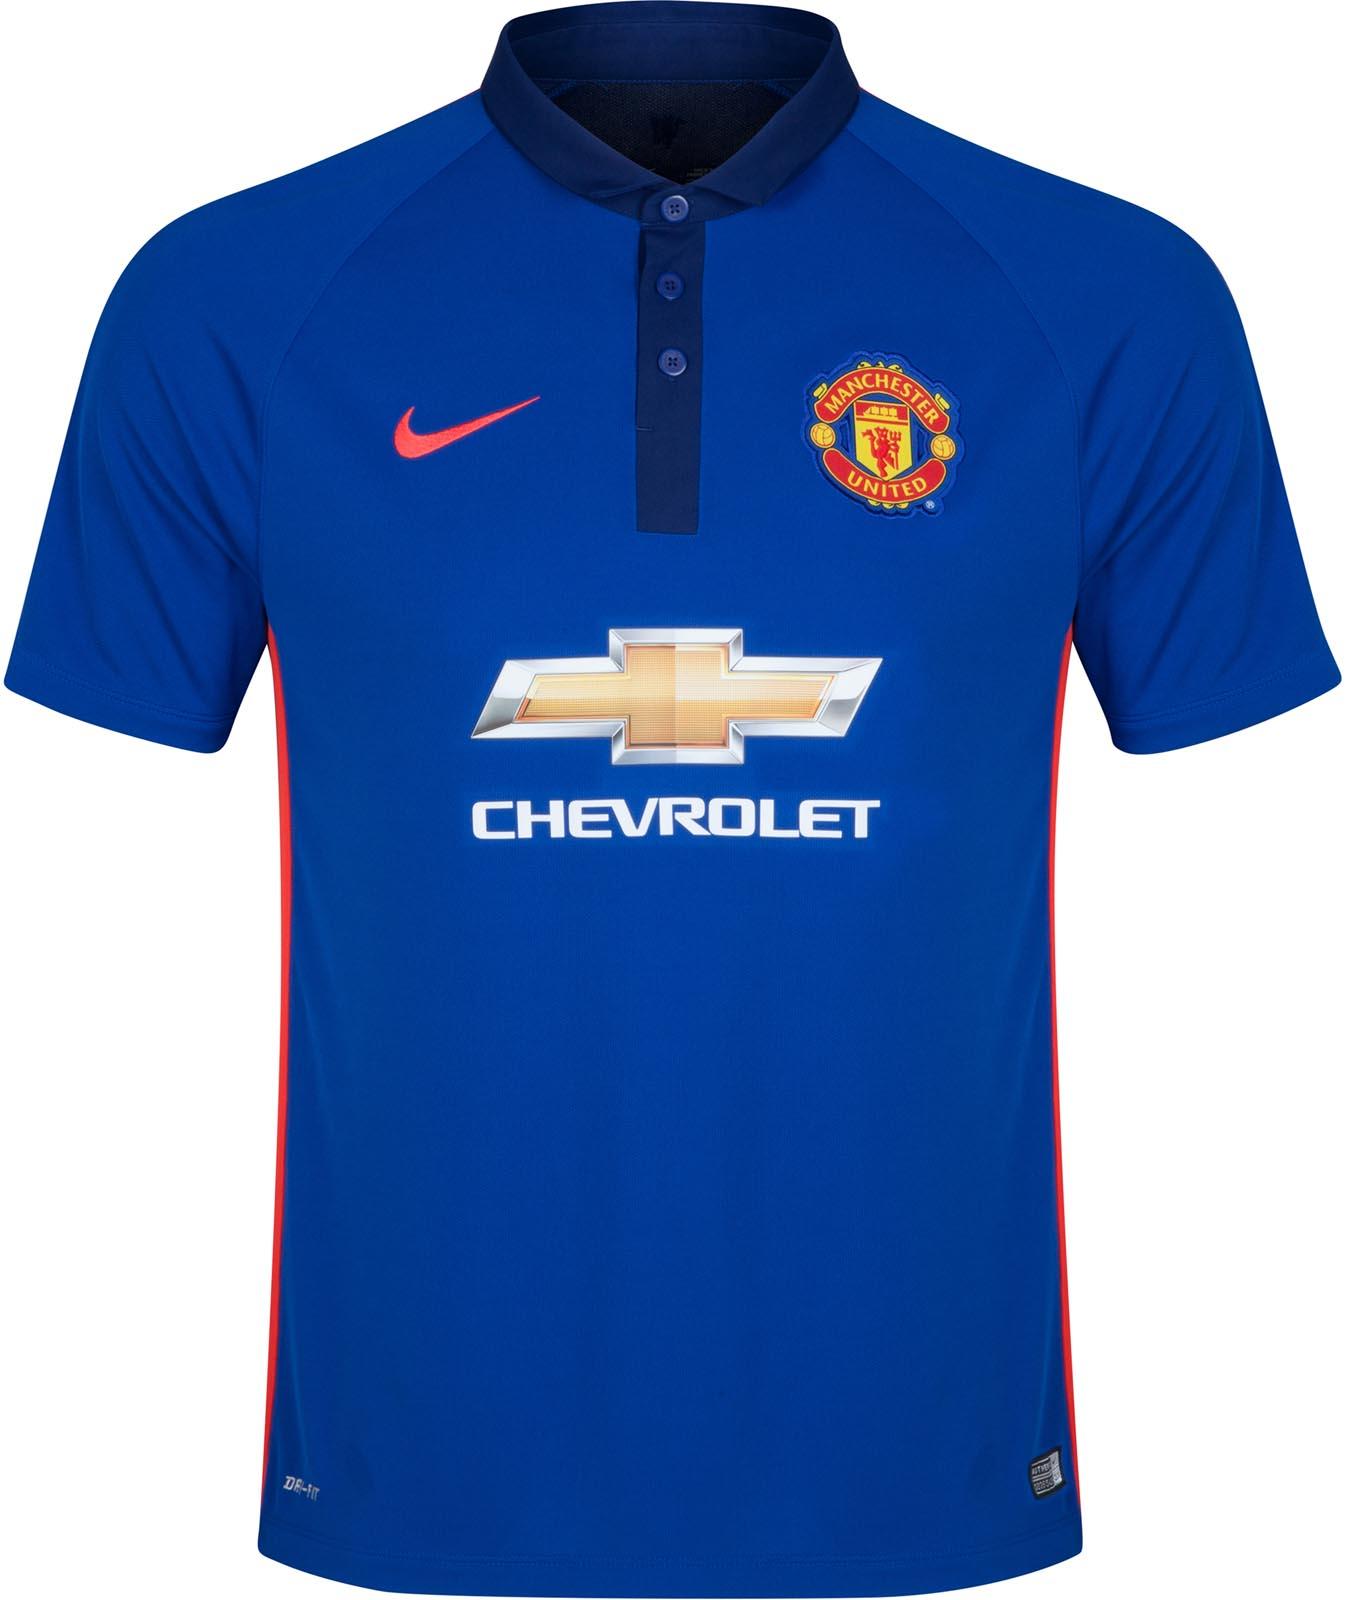 Quần áo bóng đá Manchester United xanh 2014/15